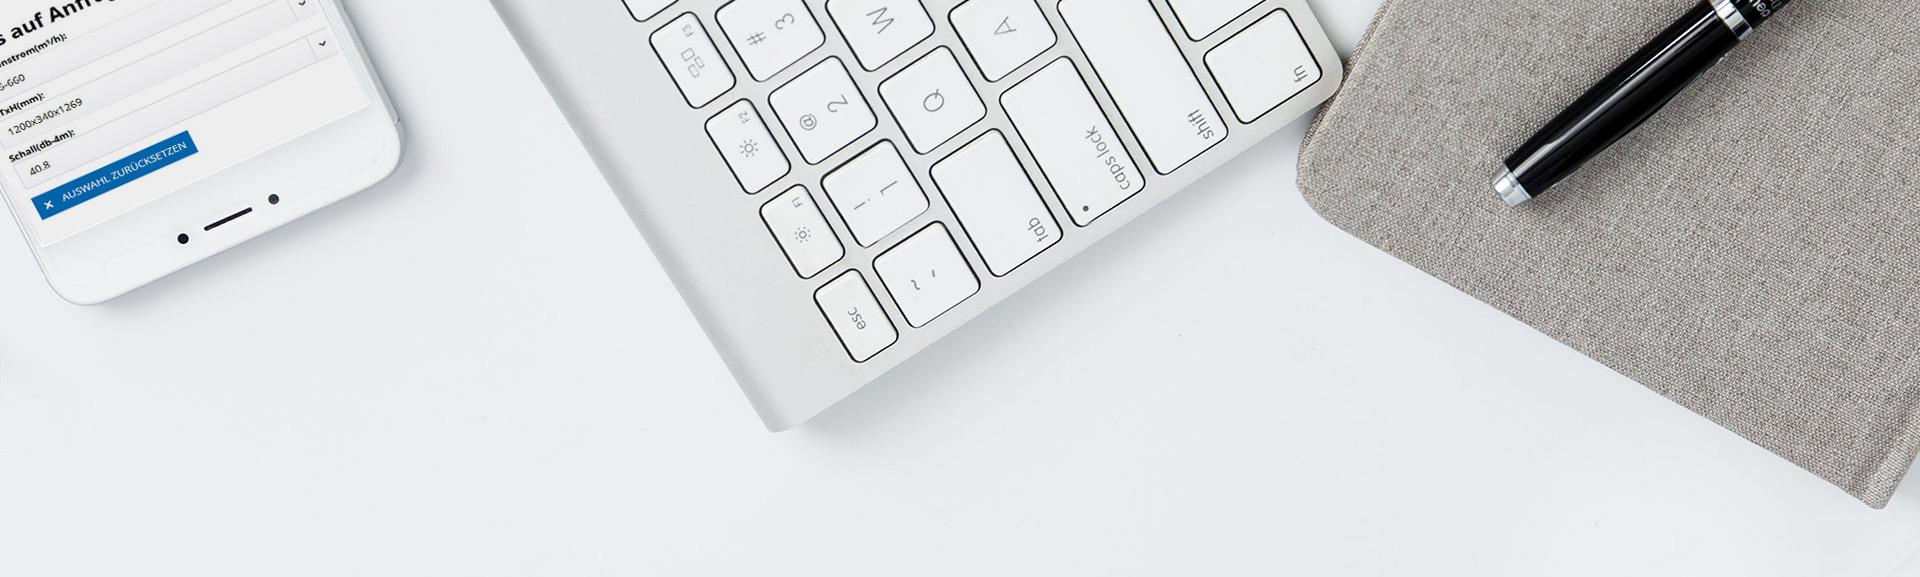 Foto Tastatur und Handy